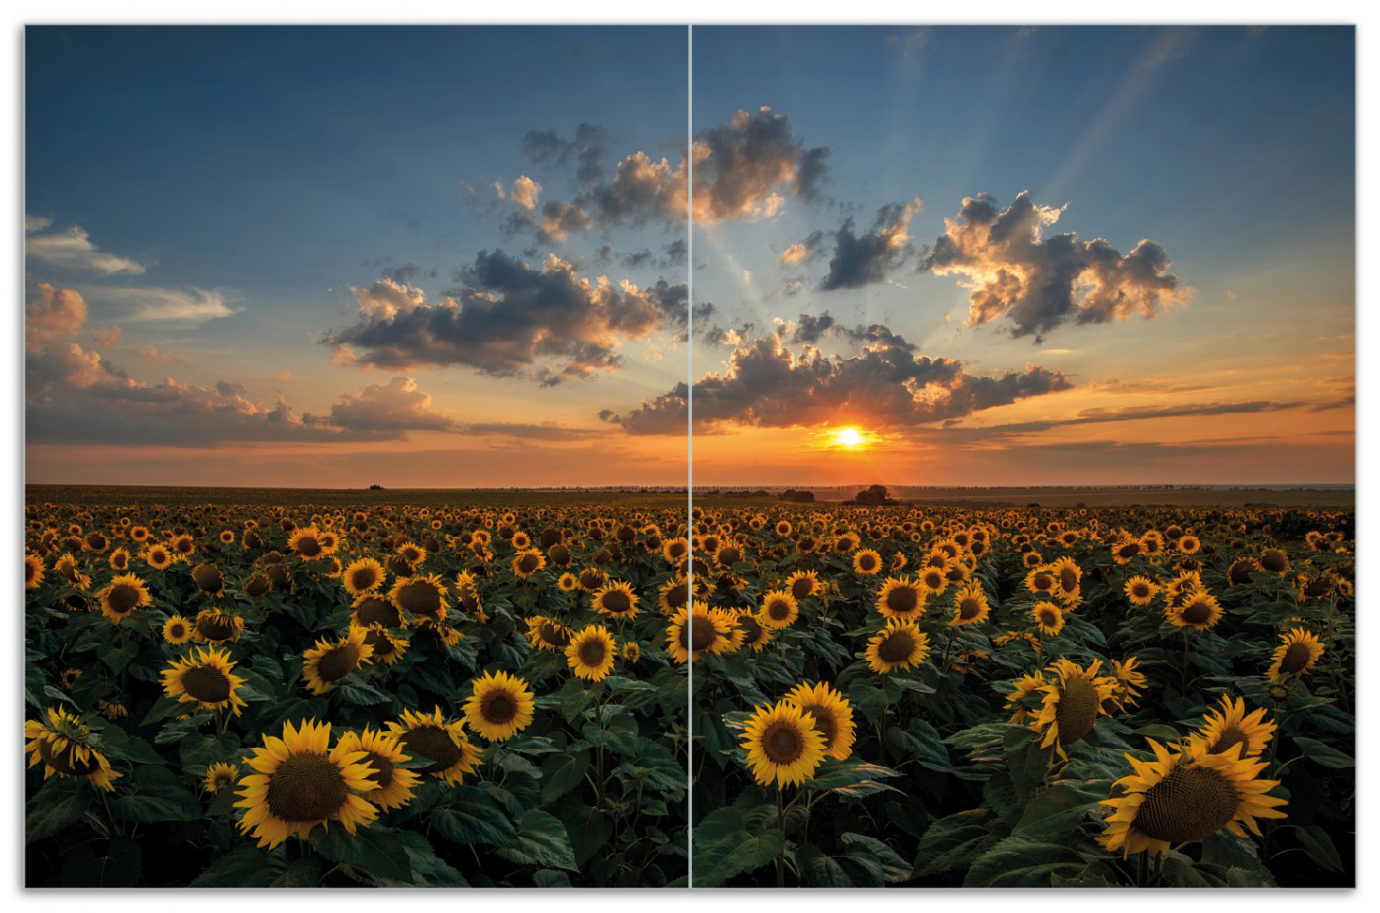 Herdabdeckplatte Sonnenblumenwiese vor Wolken mit Sonnenuntergang – Bild 1